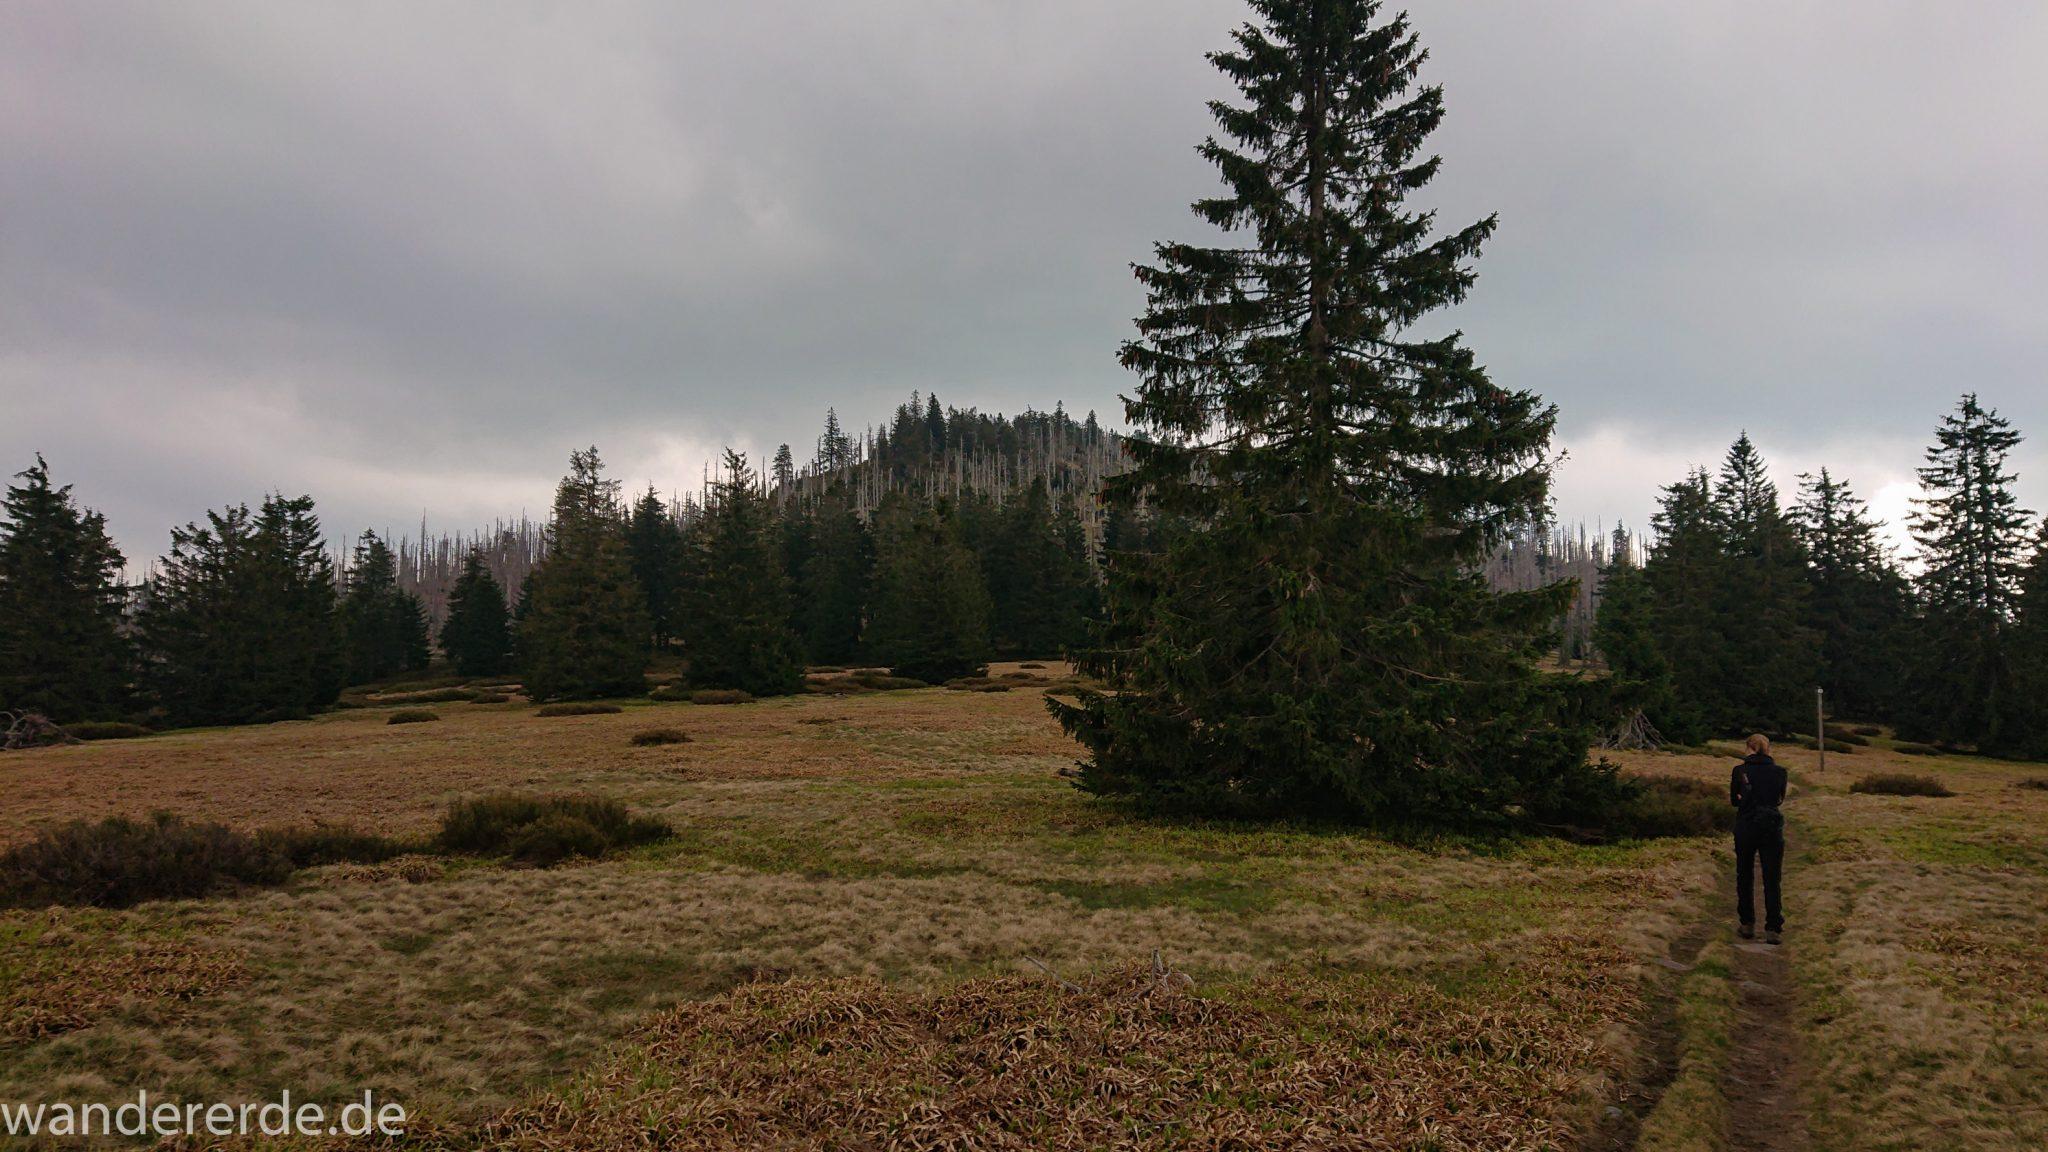 Wanderung Großer Rachel im Nationalpark Bayerischer Wald, Start Parkplatz Oberfrauenau, abwechslungsreicher Wanderweg, Wanderer auf schmalem Pfad über Stock und Stein, Zerstörung einiger Waldgebiete durch den Borkenkäfer, Wegmarkierung auf den Berg Großer Rachel mit grünem Dreieck